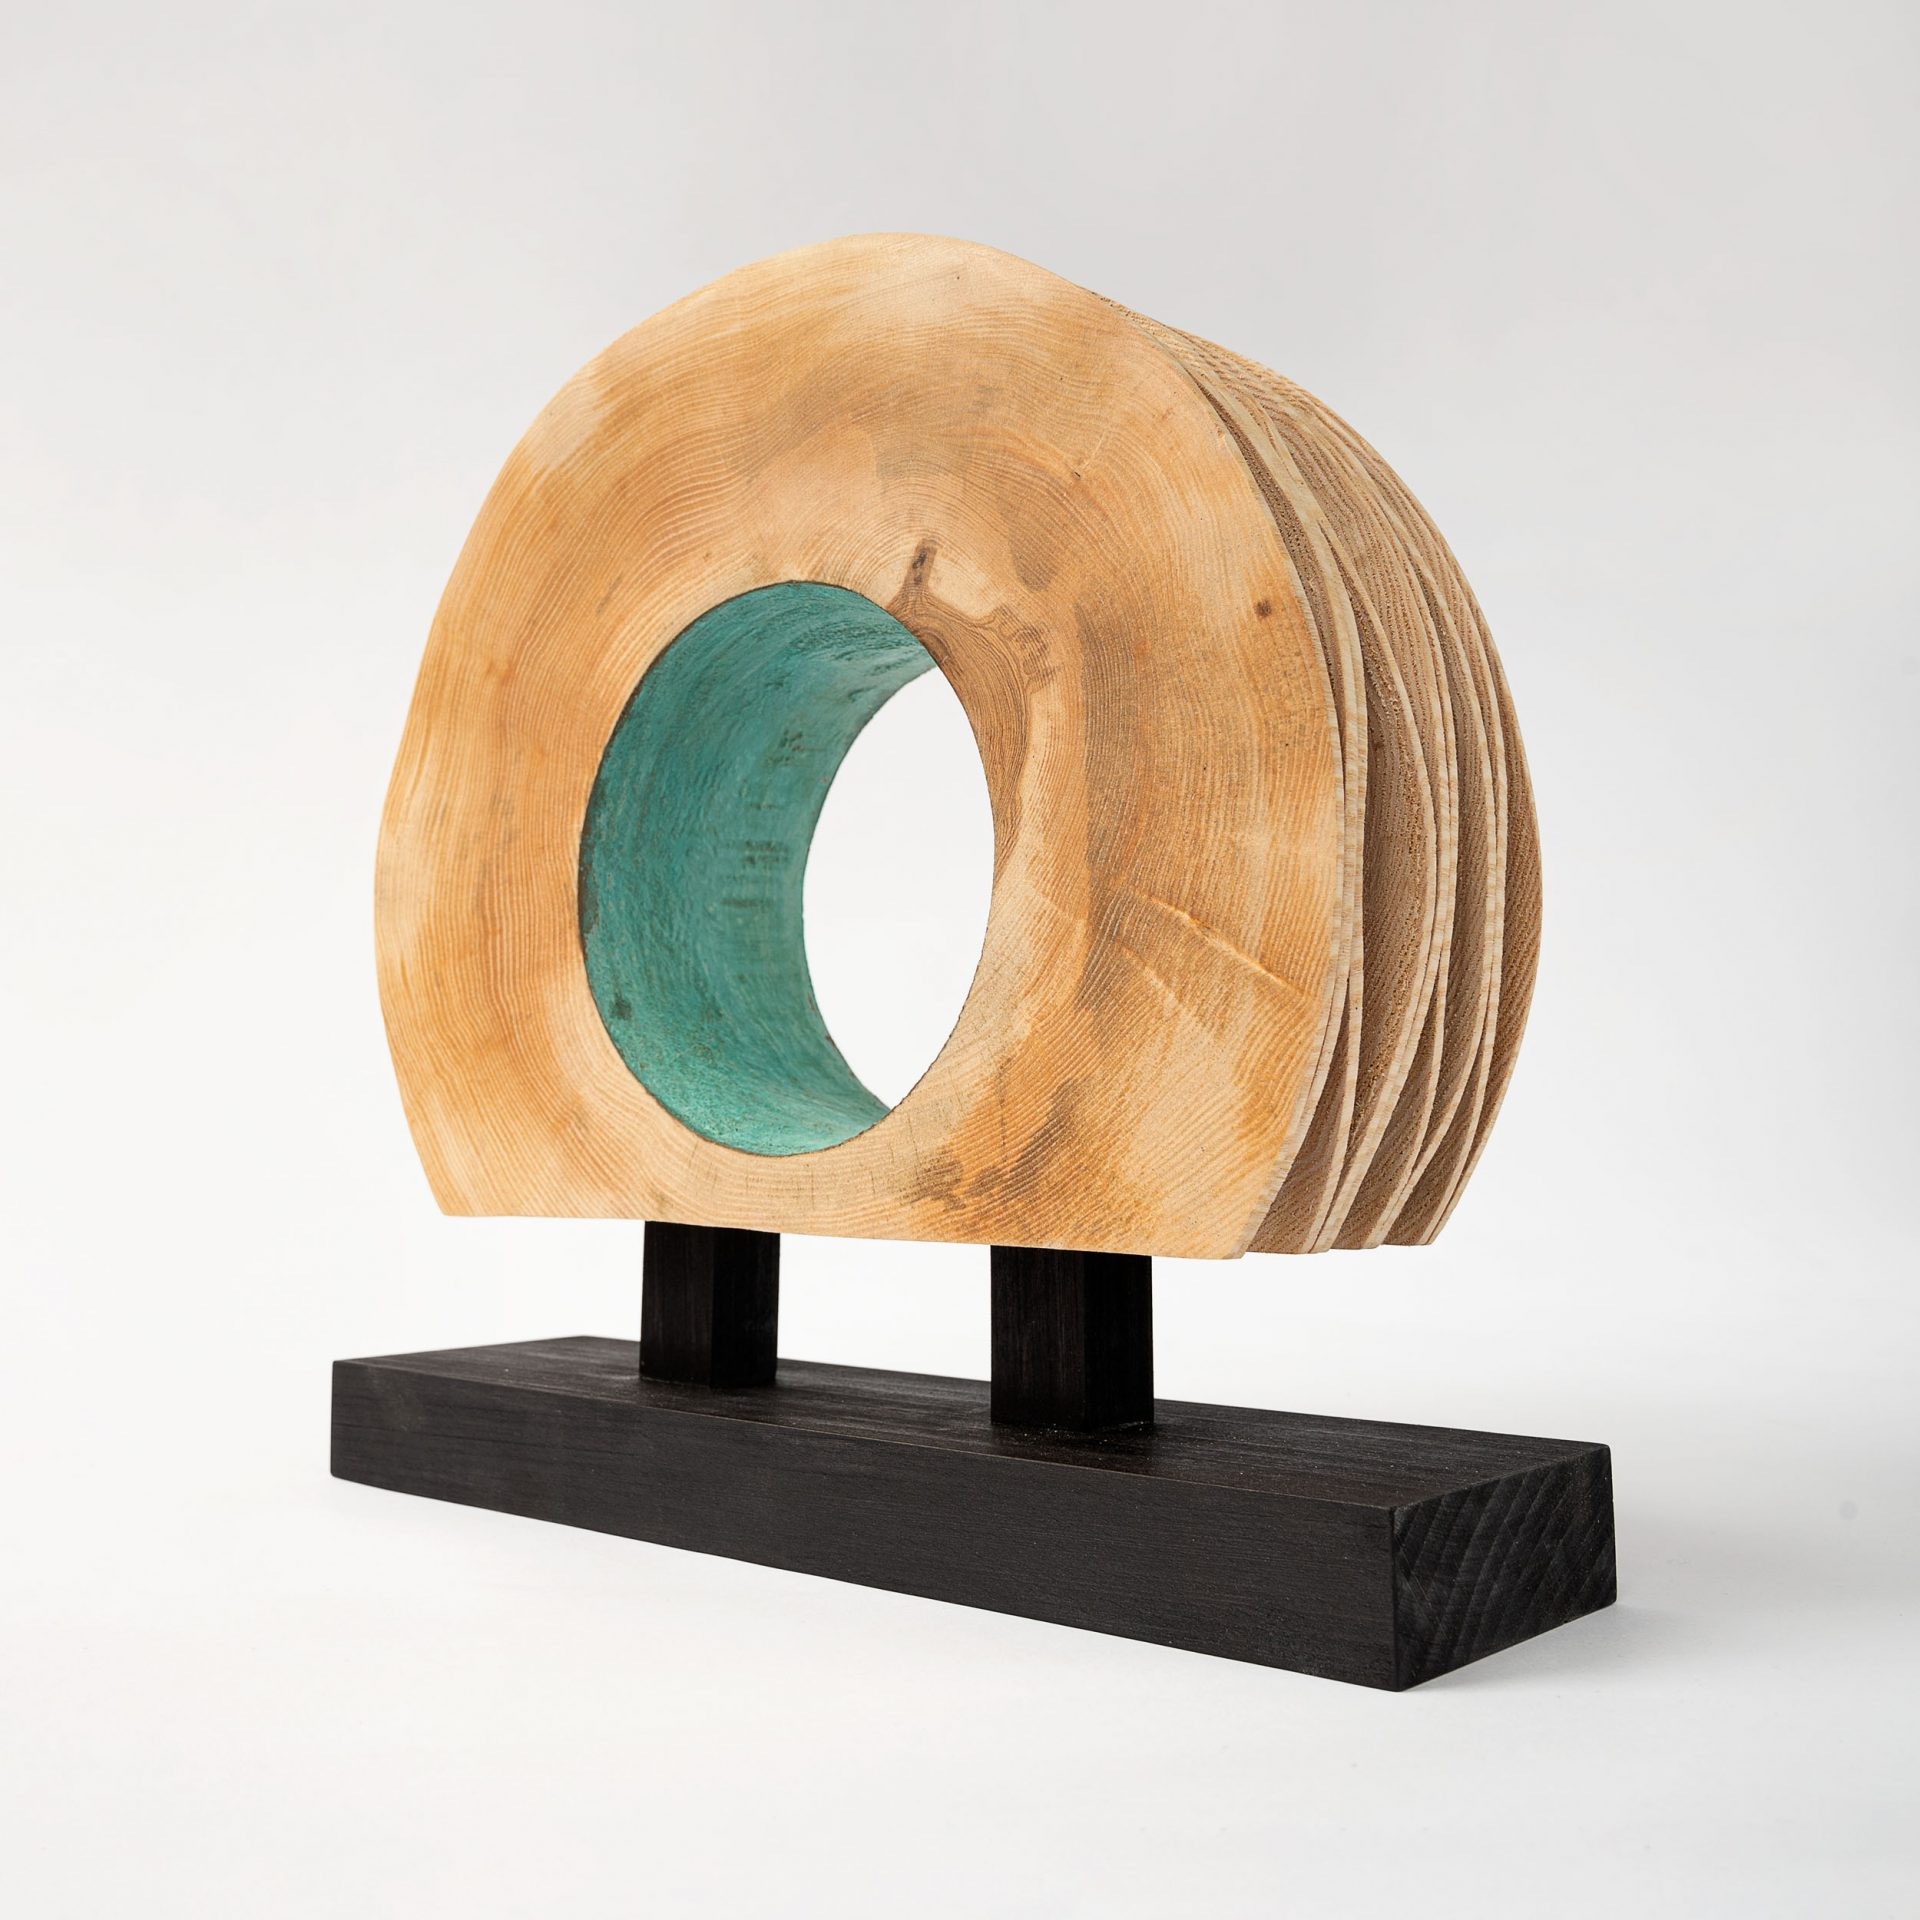 Ralph Shuttleworth 'Warped Torus Sculpture'